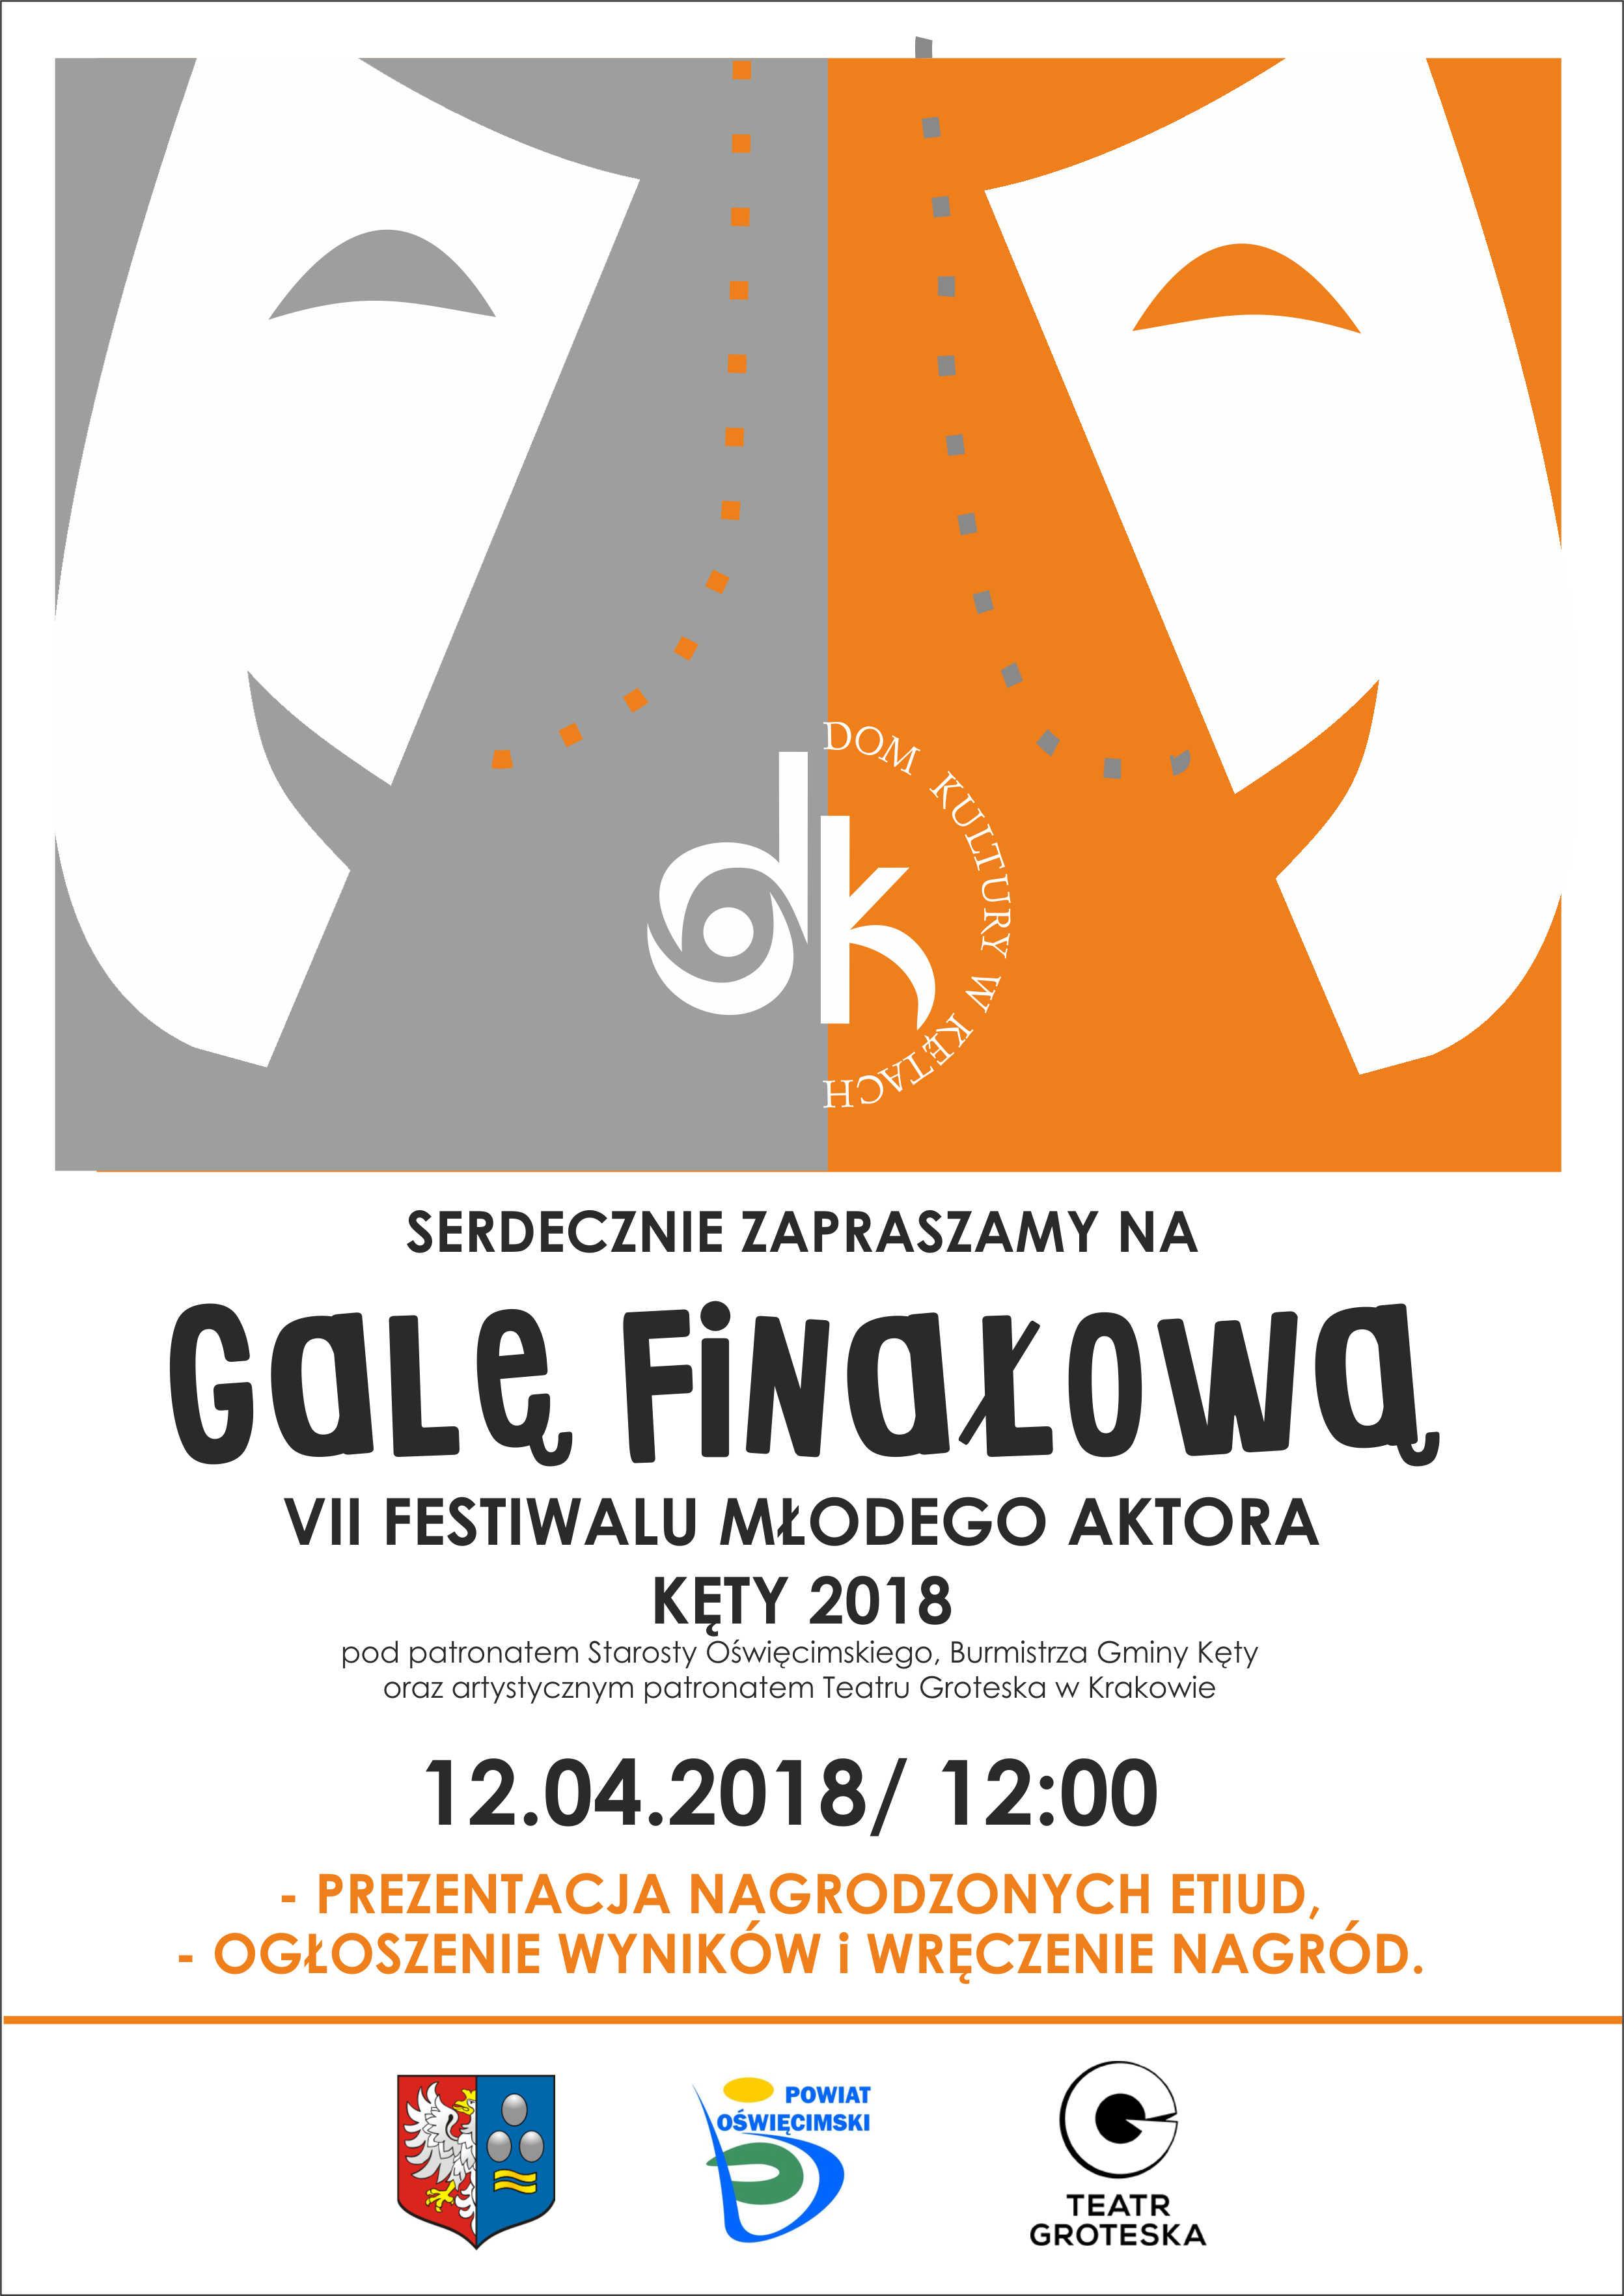 VII Festiwal Młodego Aktora